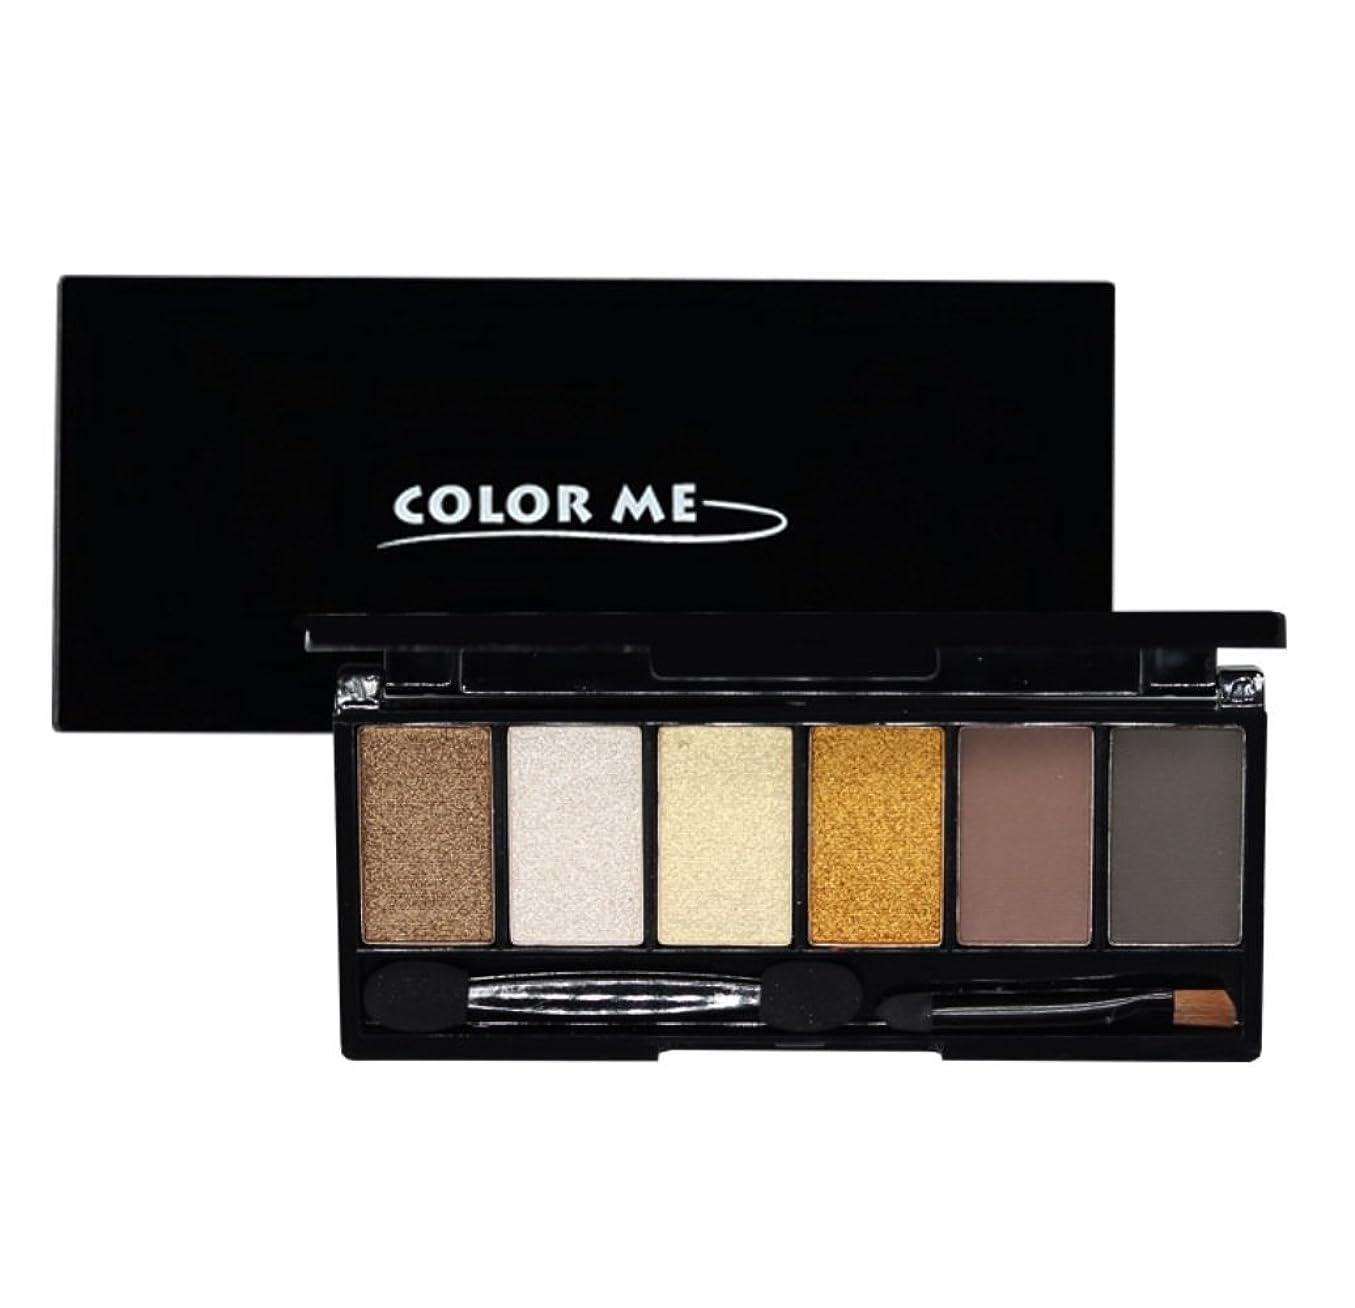 雲ジュニアしつけ[COLOR ME] カラーミー 6色 アイシャドウ パレットNo.3 Golden Brown 6 Colors Eye Shadow Palette Kit